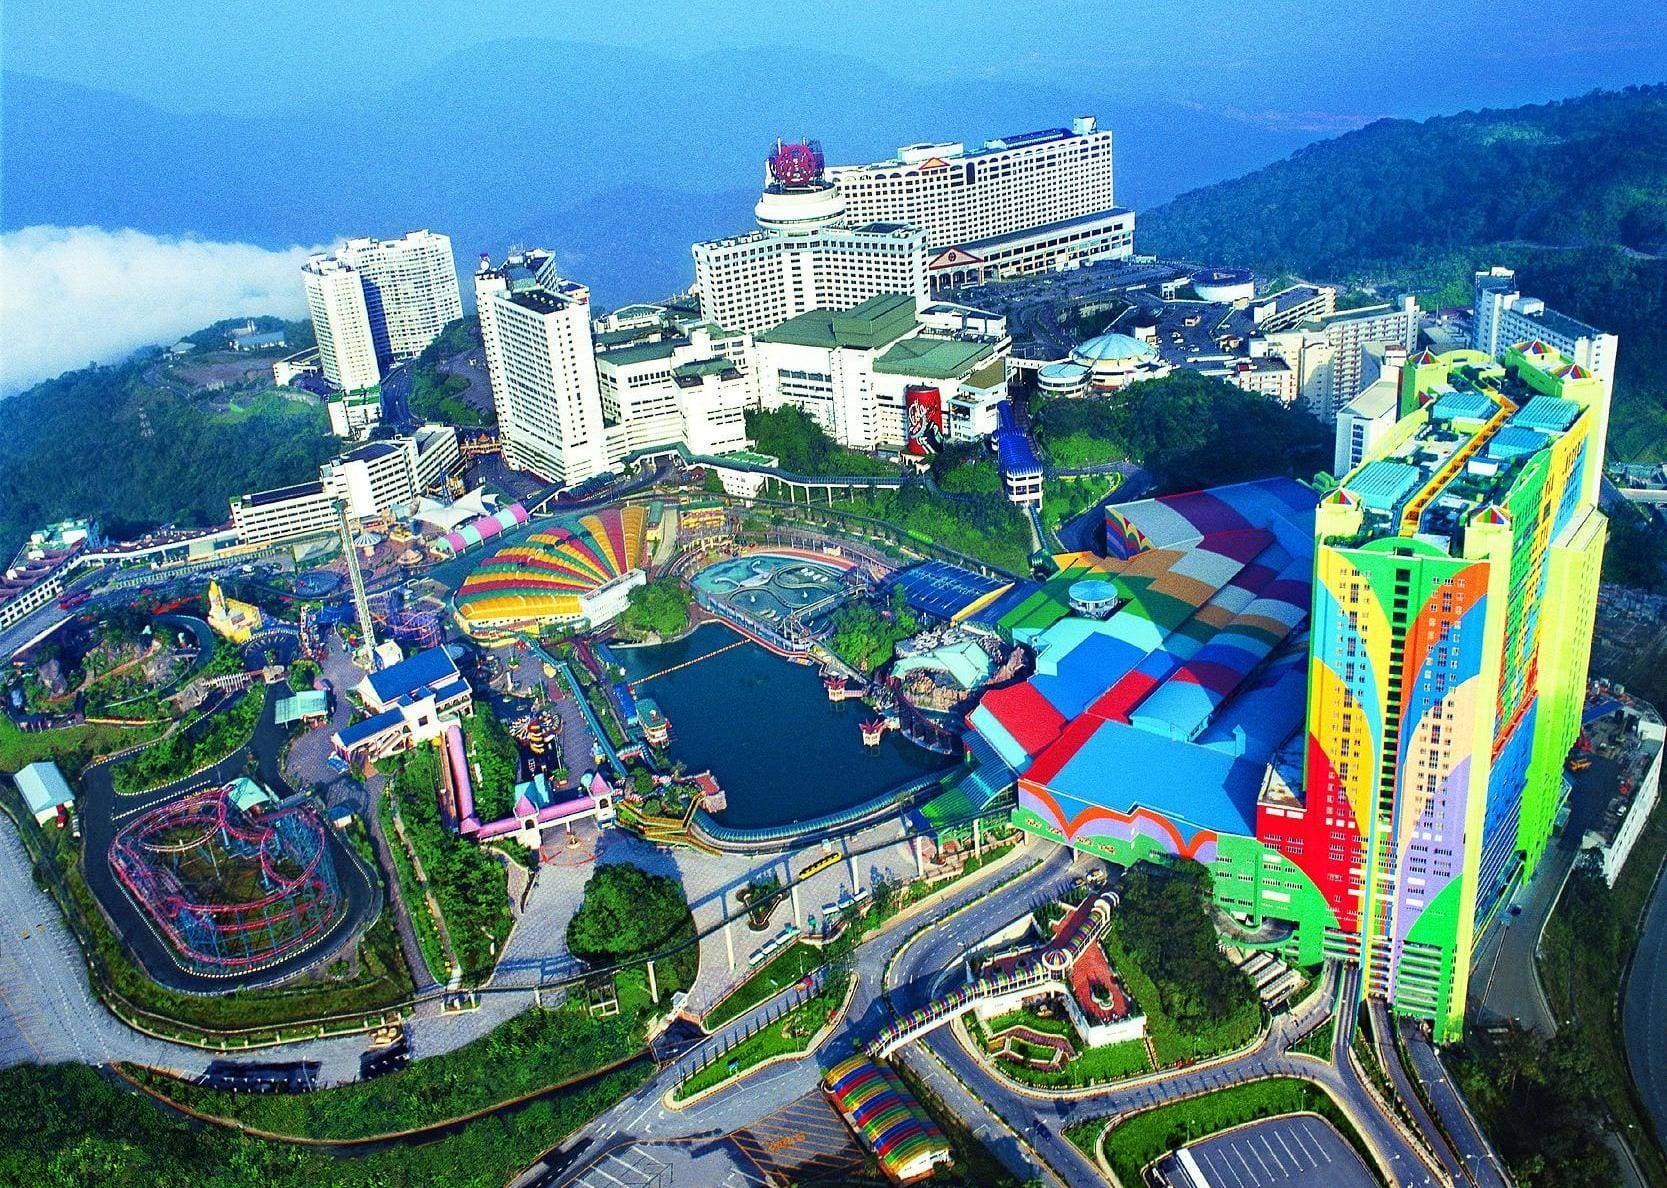 مدينة الملاهي في ماليزيا